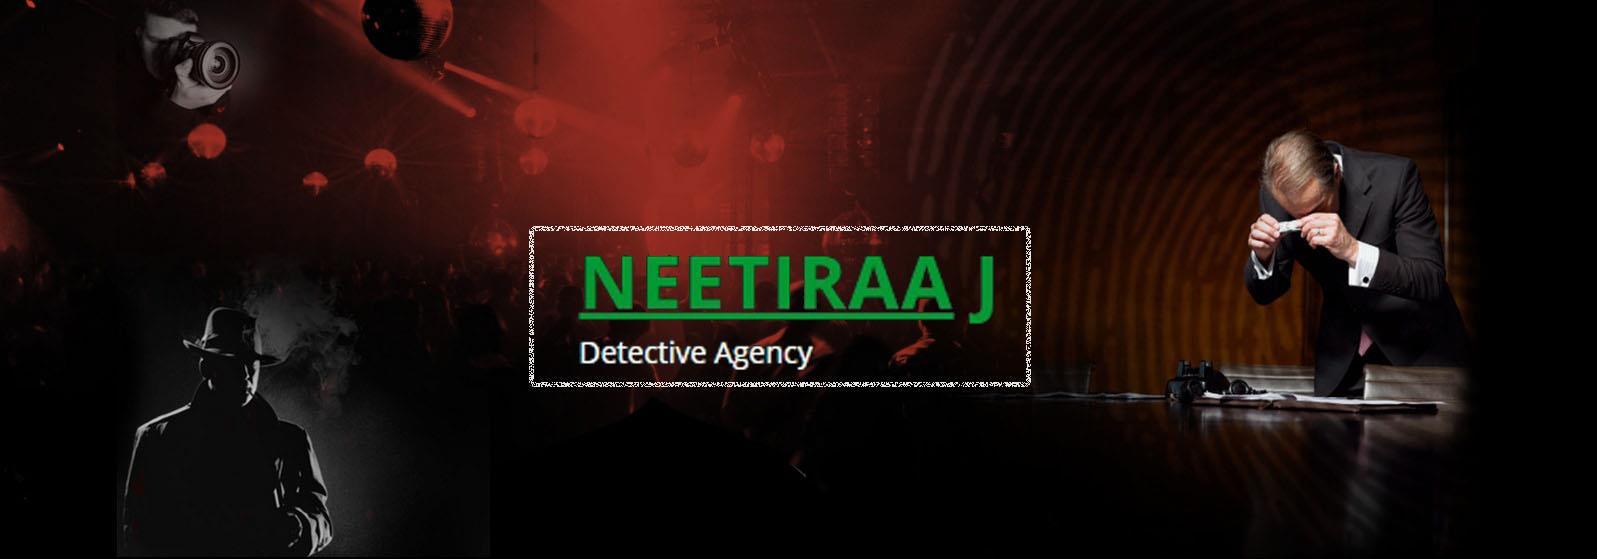 https://matrimonialdetectiveagencydelhi.wordpress.com/2016/03/08/best-detective-agency-in-delhi/ - by Matrimonial Detective, Delhi